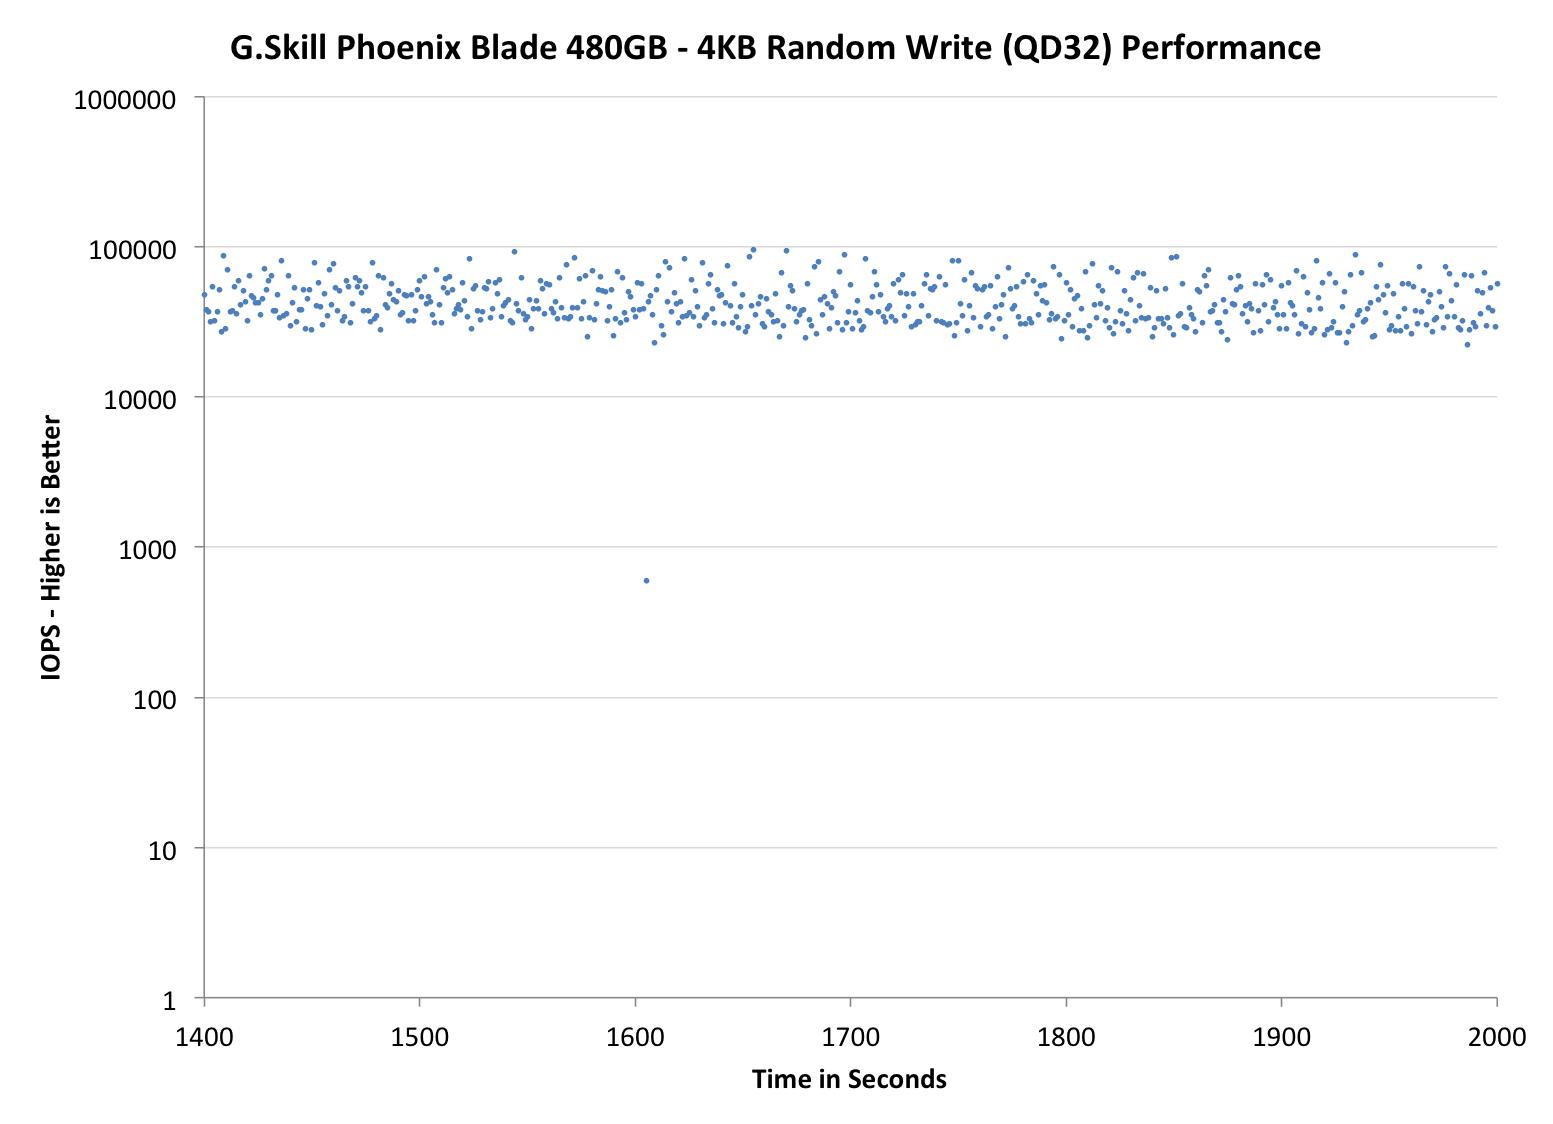 G.Skill Phoenix Blade 480GB